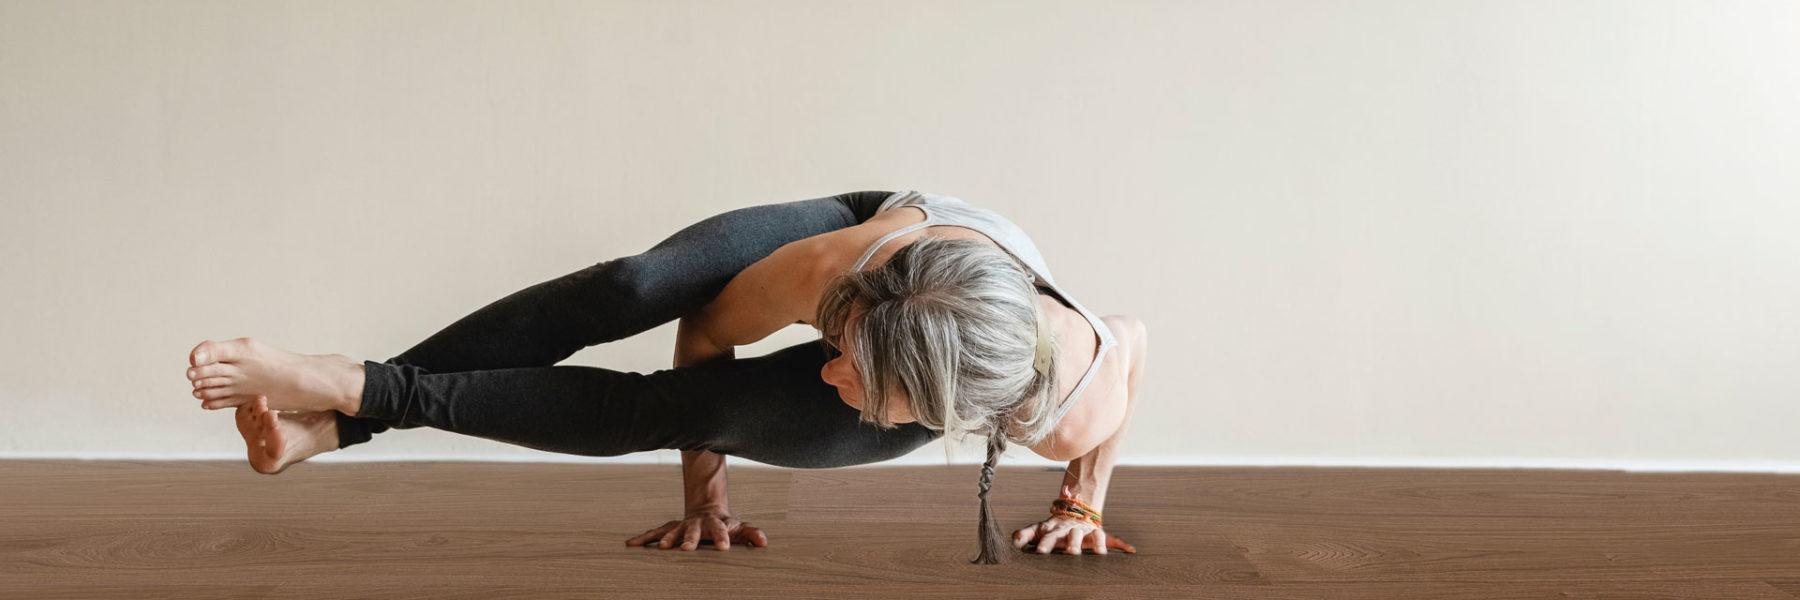 systemloesungen-header-parkett-yoga-holzboden